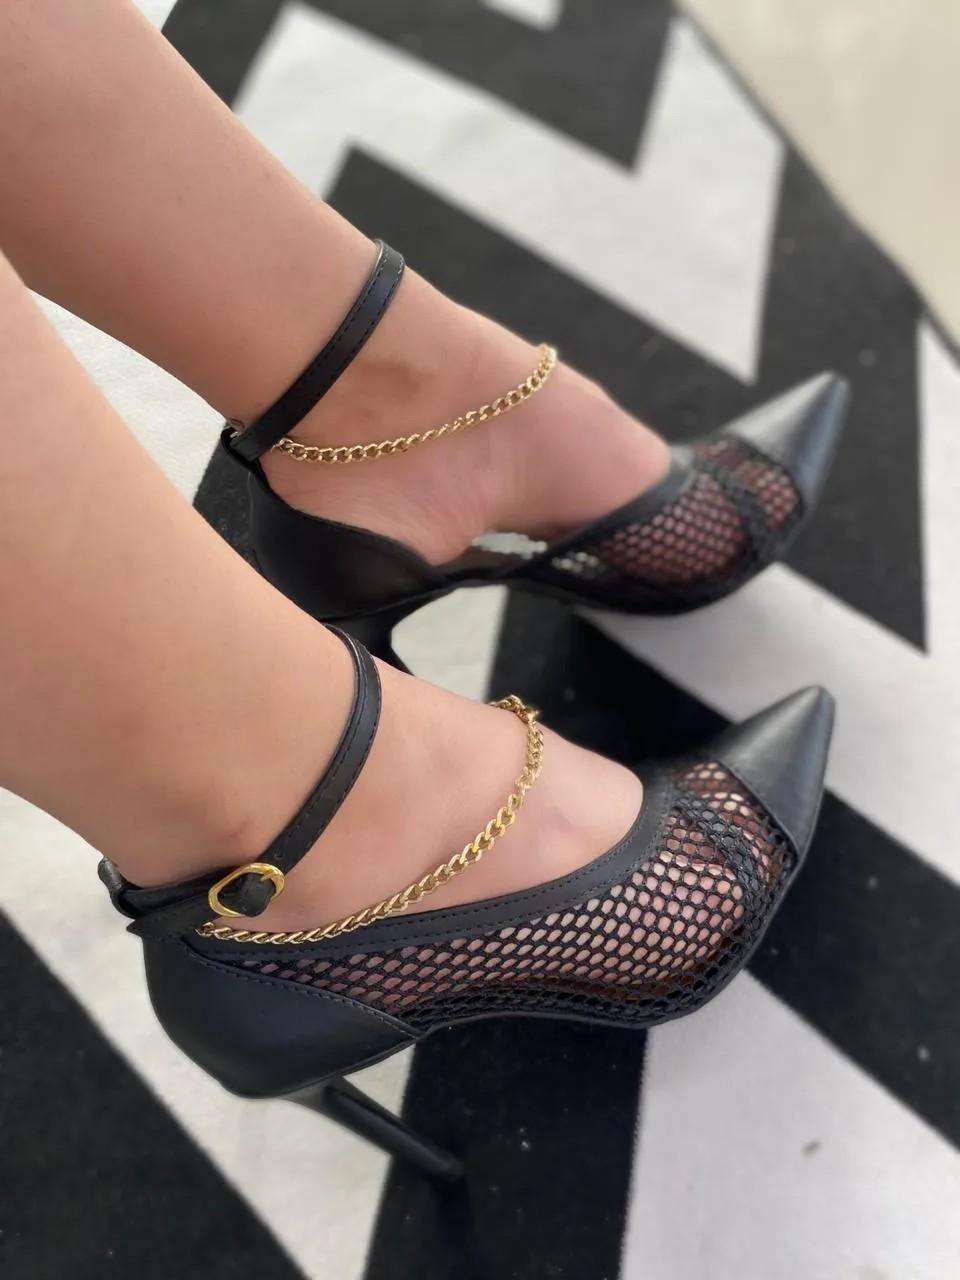 Sapato Suzana Santos Scarpin Ref:364563070-20